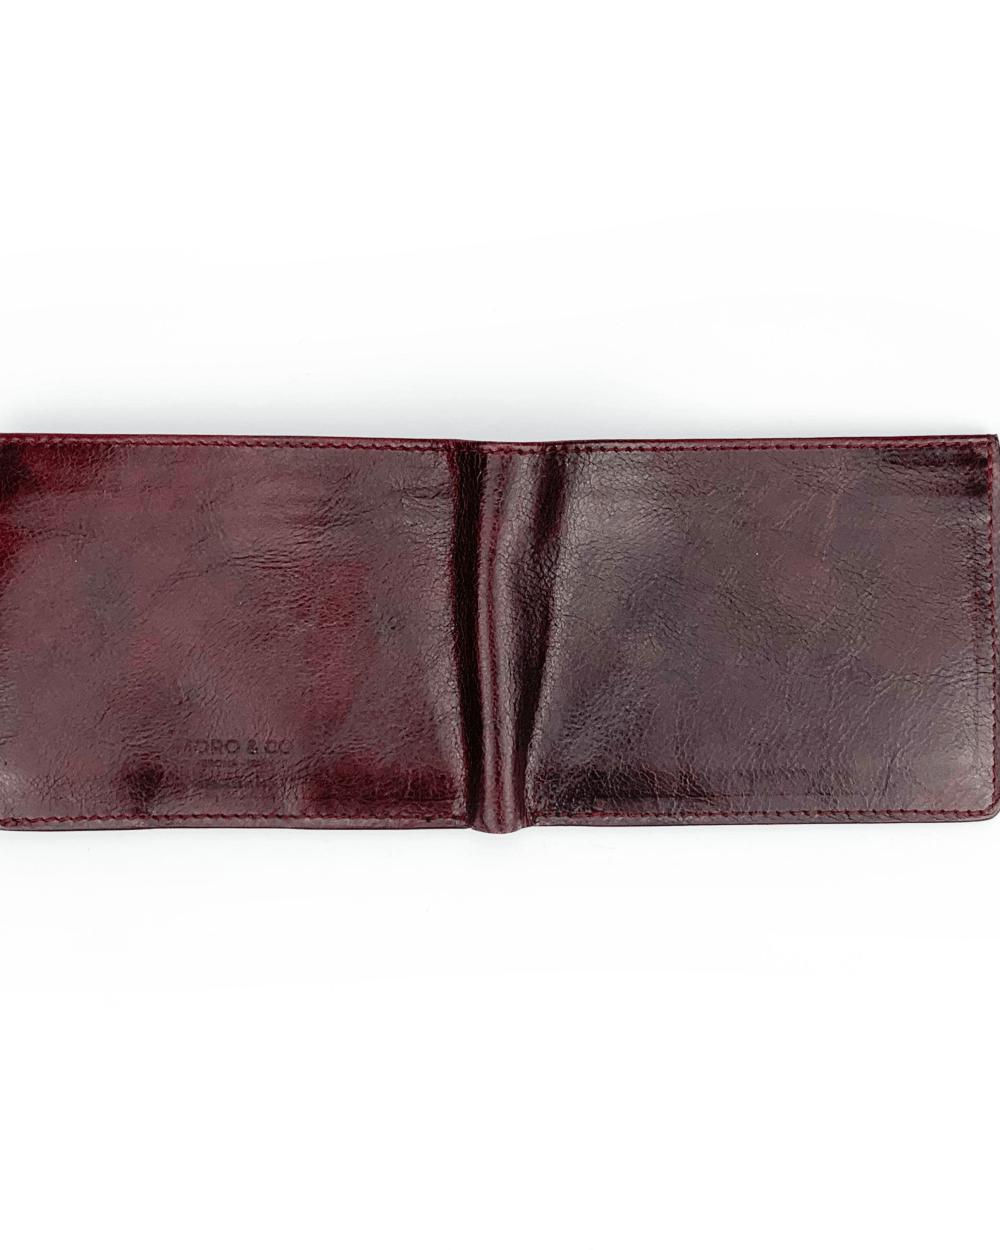 Portafoglio in vitello concia vegetale classico color vinaccia con pratiche tasche banconote, documenti, tessere e porta monete con automatico.